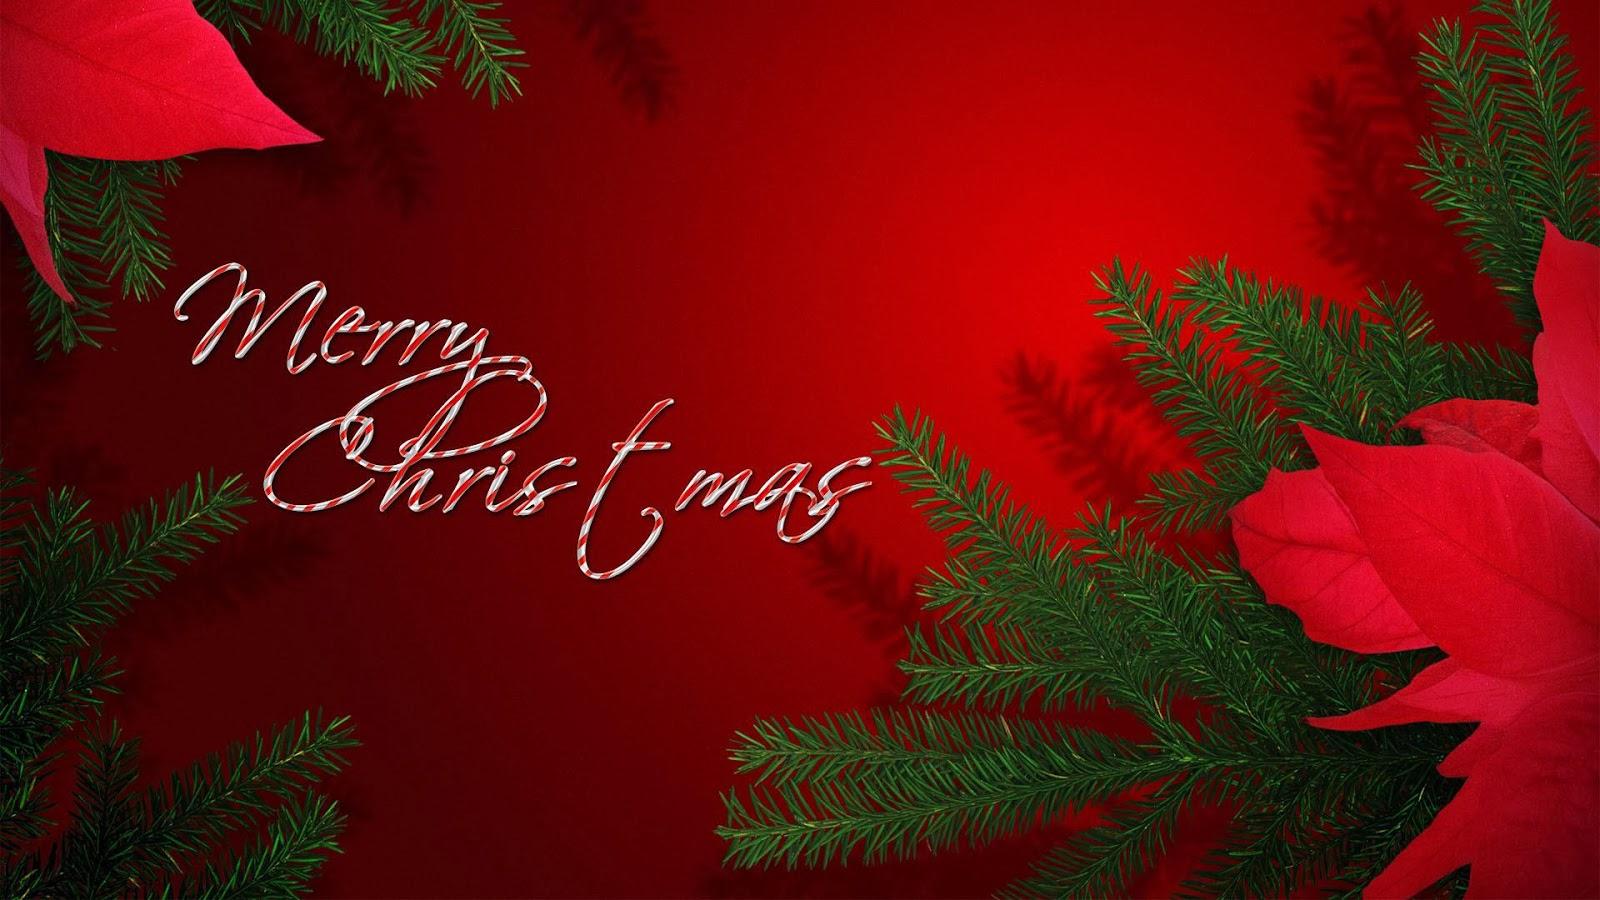 Bolas De Navidad Rojas Sobre Fondo Verde: Imágene Experience: Imágenes De Navidad Y Postales